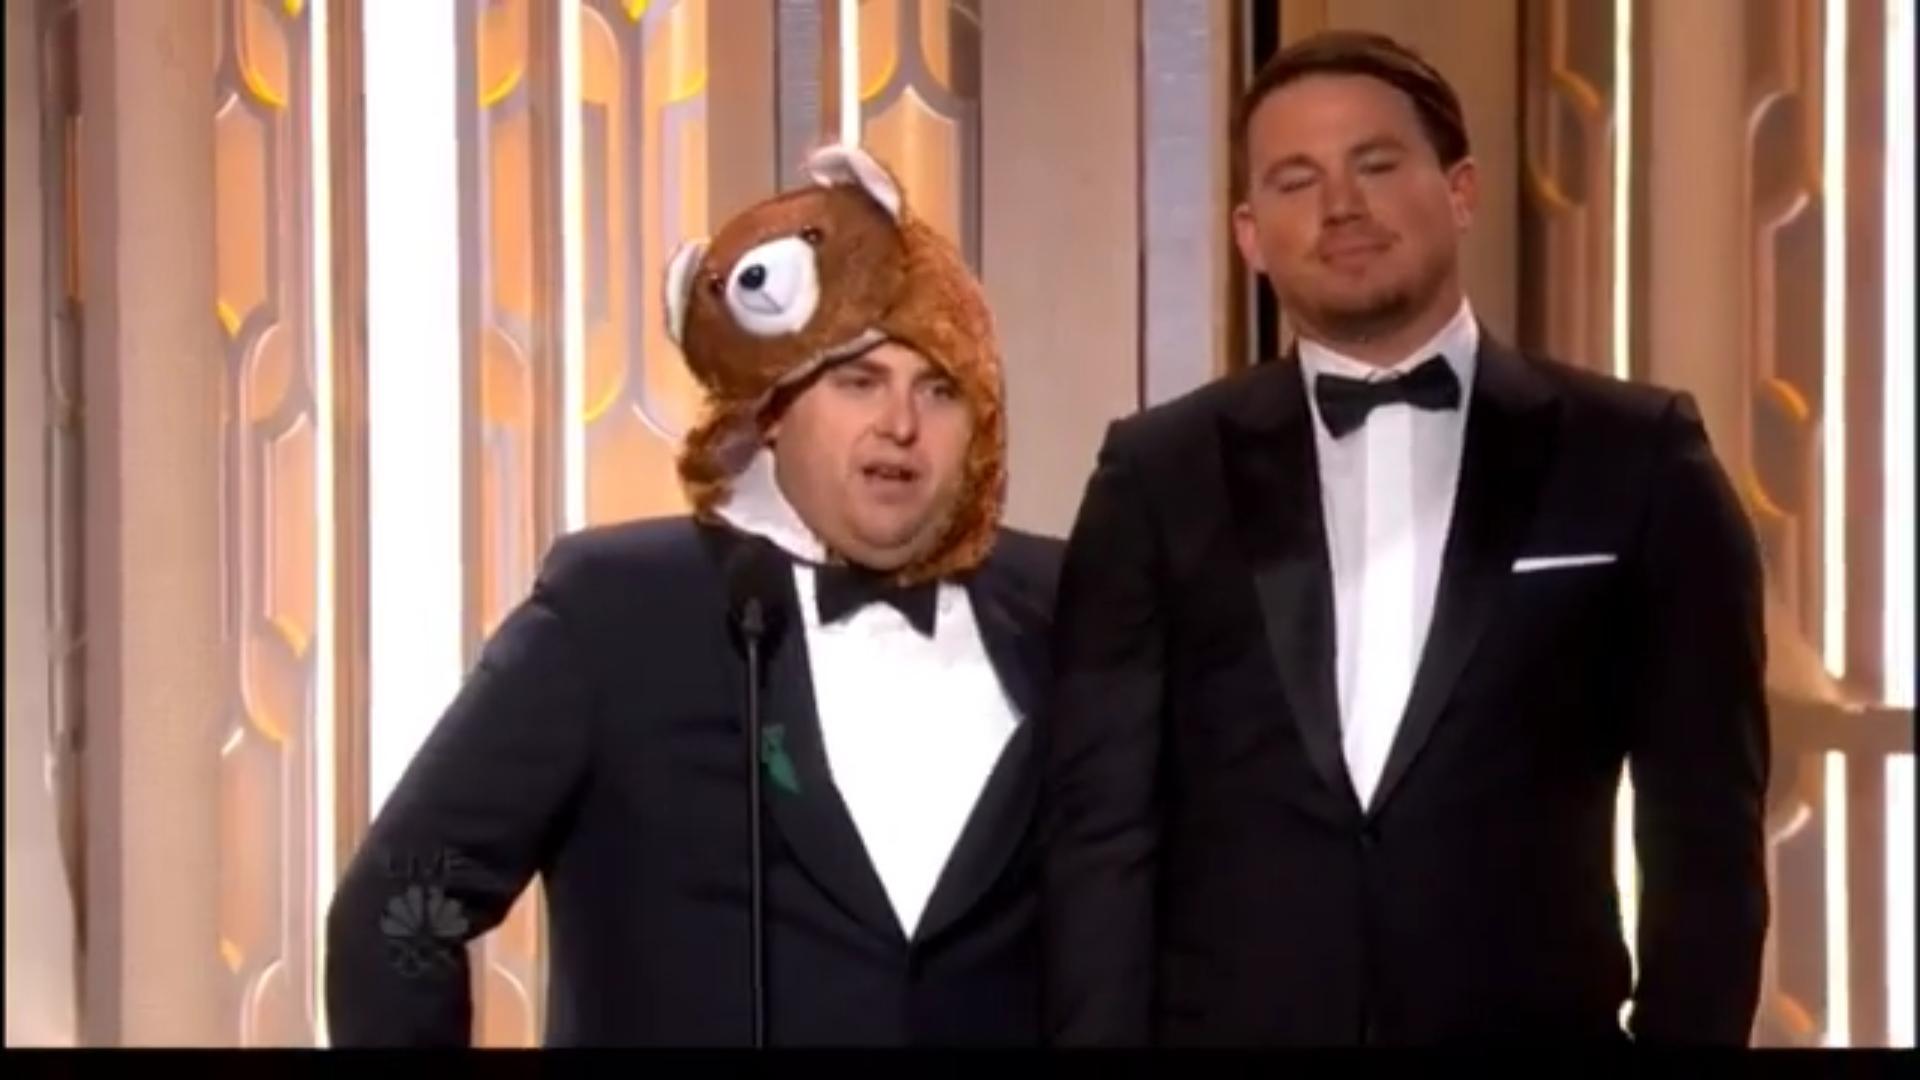 Jonah Hill disfrazado de oso, y Channing Tatum entregando premio